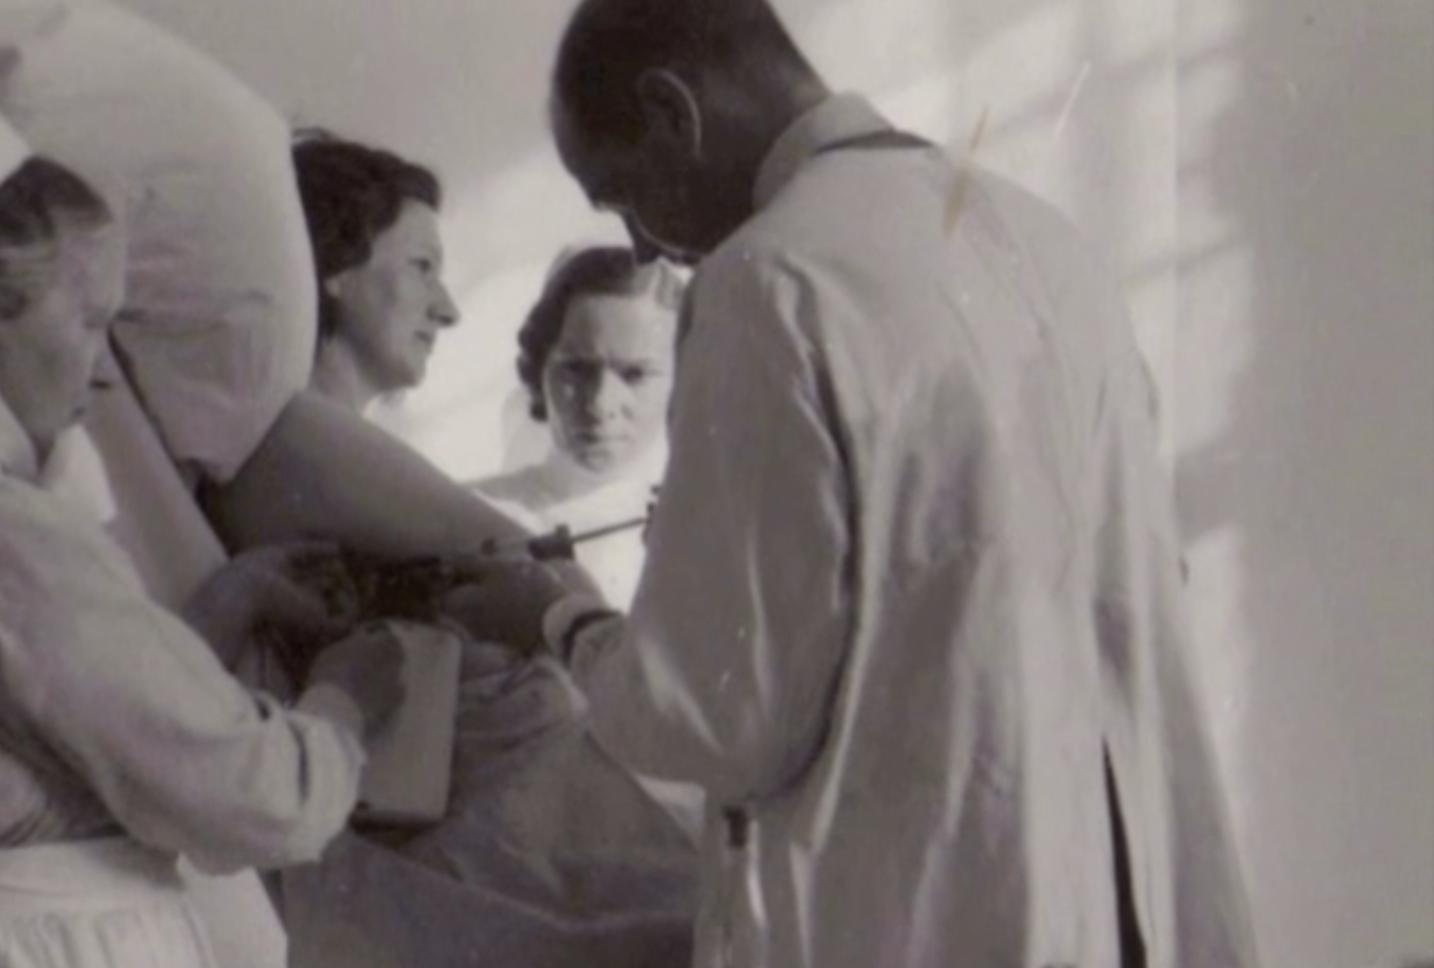 """Operasjonsteknikken """"blåsing"""" var ein omfattande, risikofylt, og rekna som ein effektiv teknikk. Dei som overlevde fekk ofte skeiv rygg som resultat. @Fylkesarkivet"""